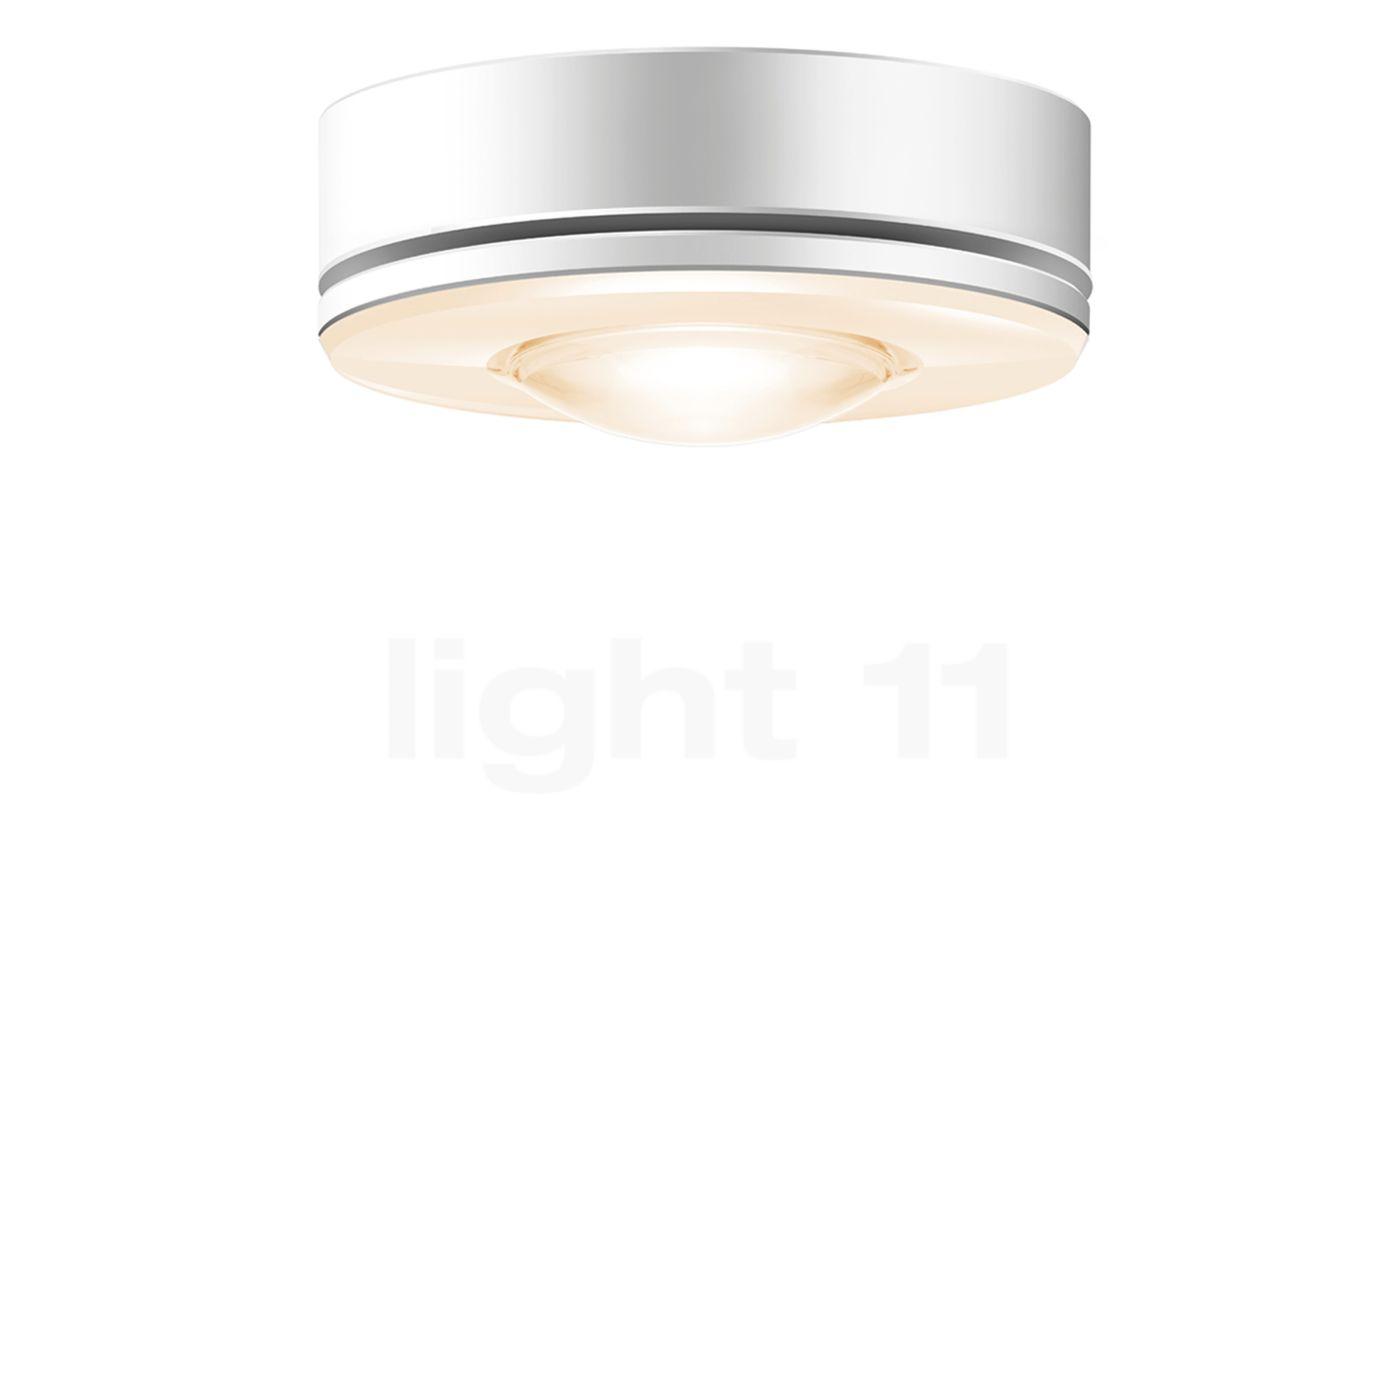 Bruck Euclid Deckenleuchte LED Niedervolt dim2warm, weiß 100872ws-xw